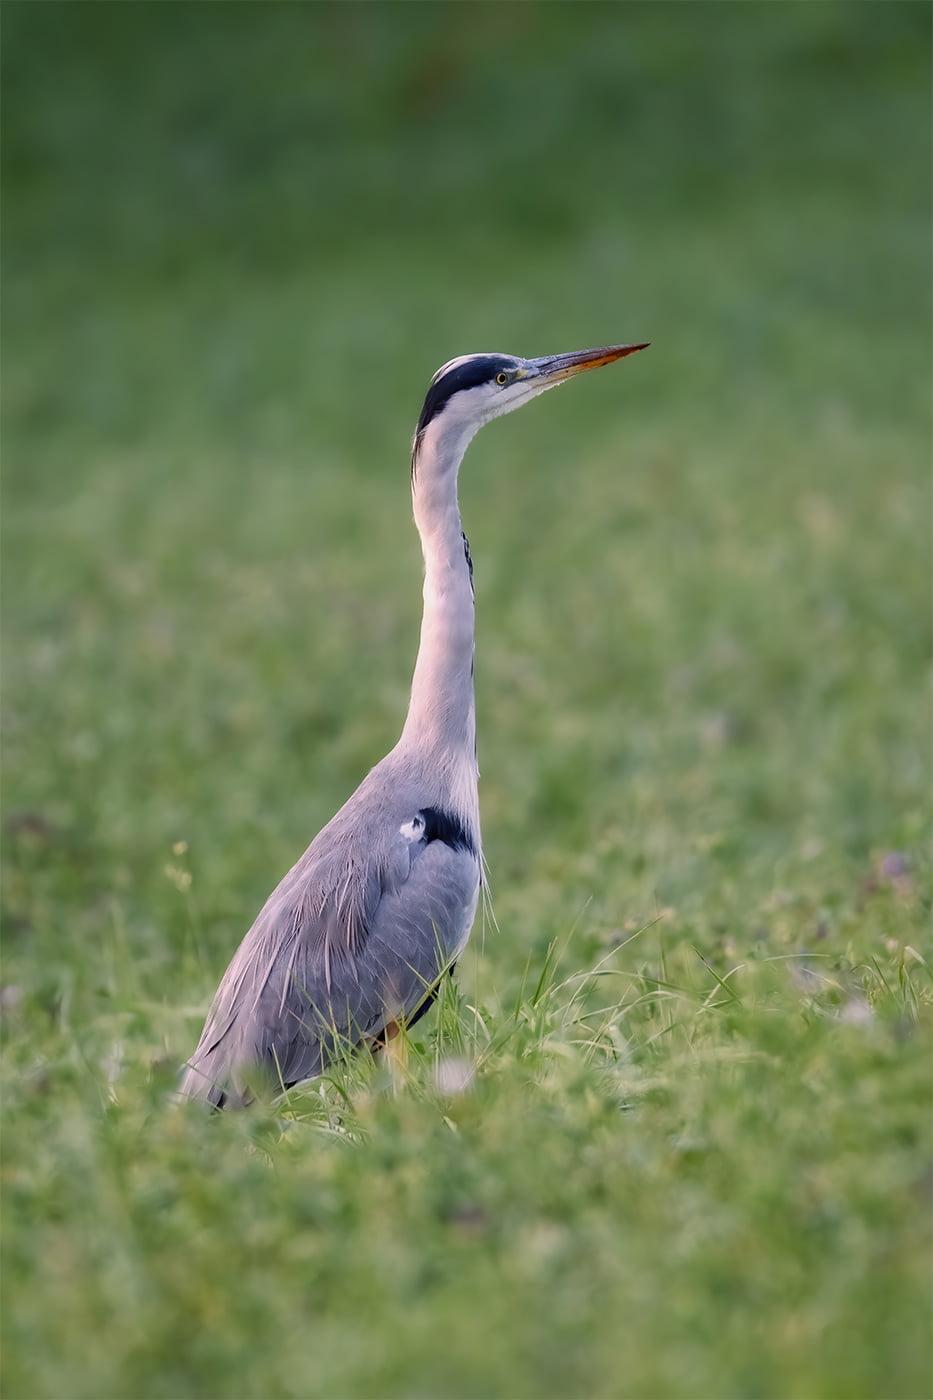 Stârc cenușiu (Ardea cinerea) - wildlife photography - pasari - 2020